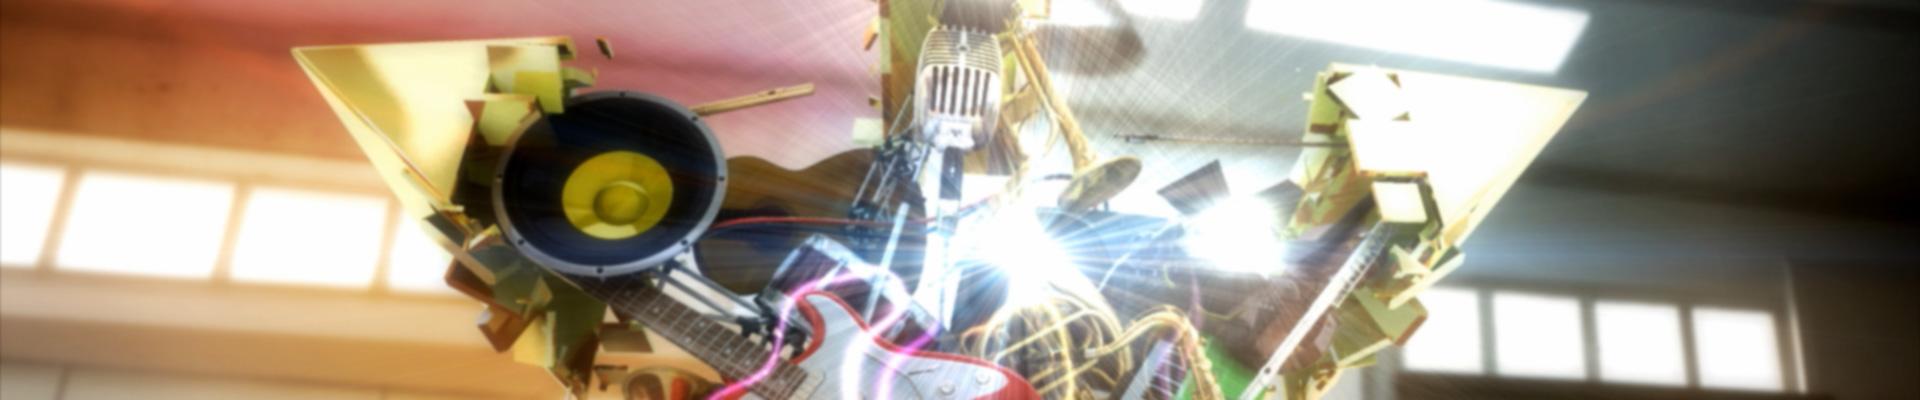 Squaredot - STAR ACADEMY – RAI UNO - visual effects, 3d archiviz, 3d animation, Maya, Nuke, After Effects, video editing, compositing, post-production, color correction, web, mobile, app, effetti speciali, previsualizzazione architettonica, animazione 3D, grafica 3d, grafica 2d, montaggio video, corporate video, web design, seo